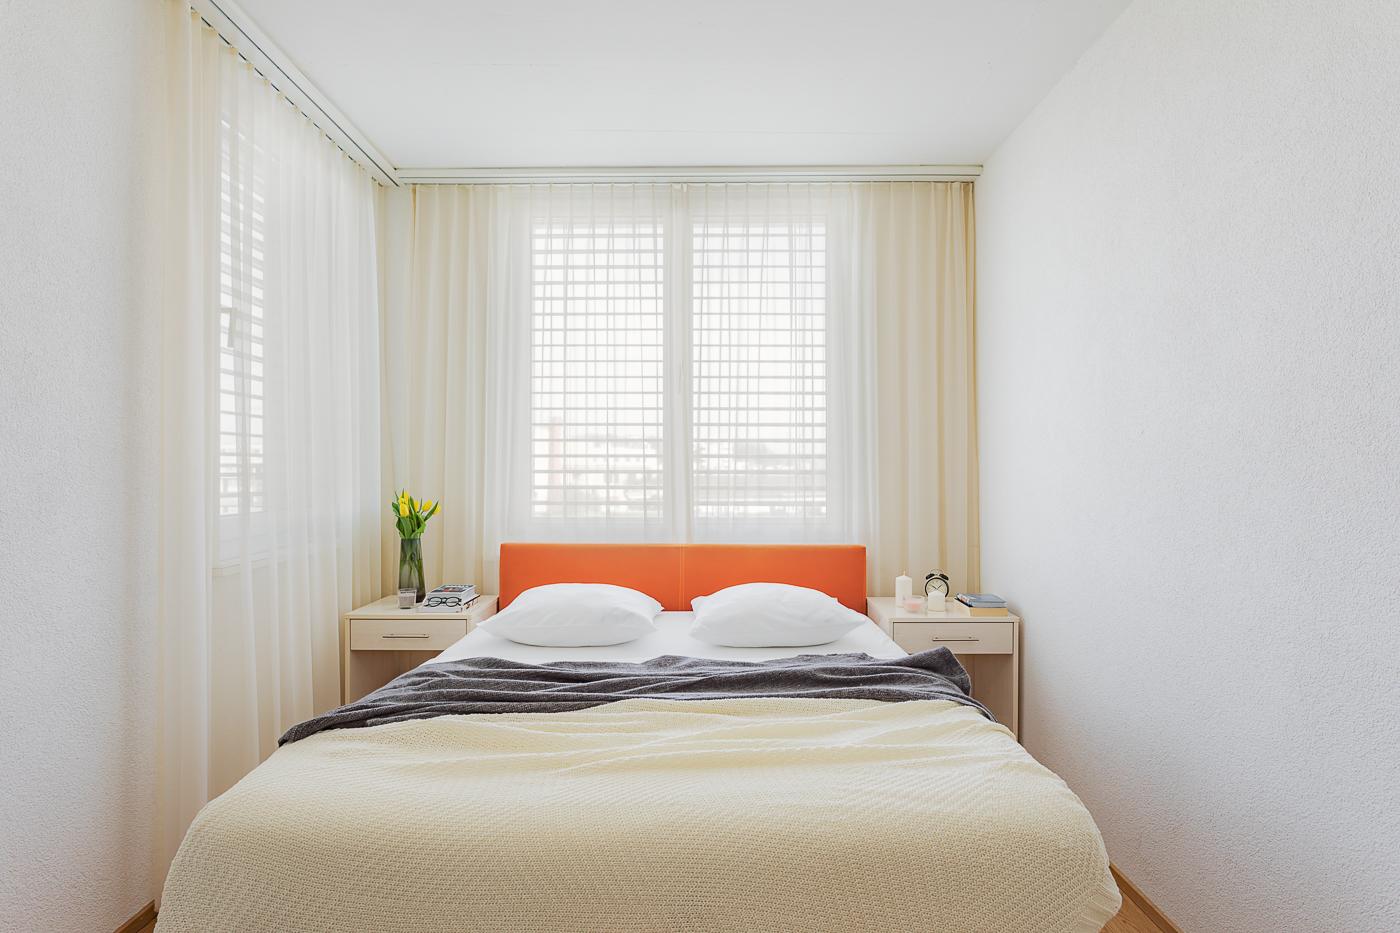 Bed at Oerlikon Lodge